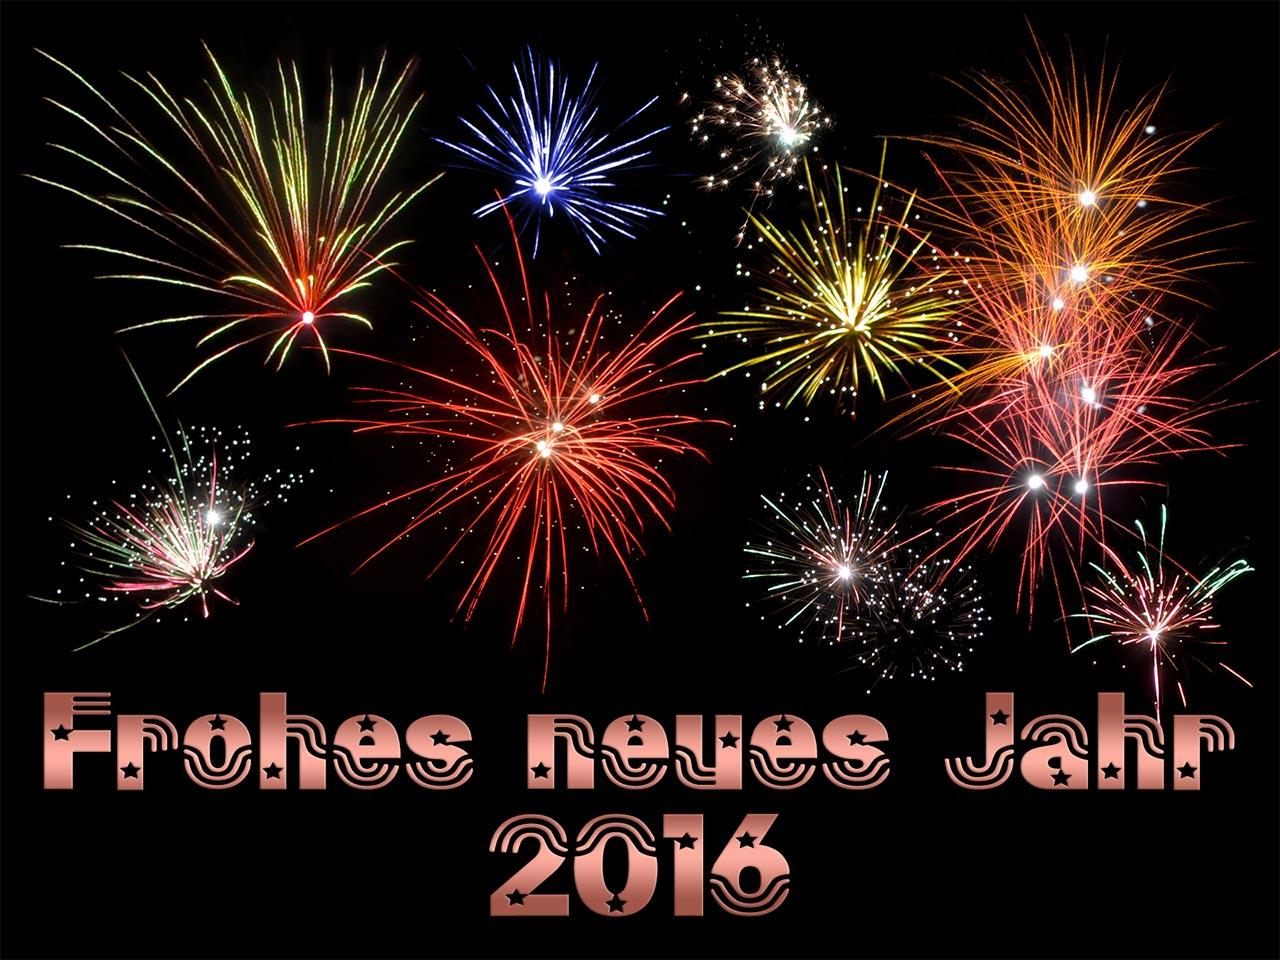 Frohes neues Jahr 2016 – Silvester 2015 « Putzlowitscher Zeitung